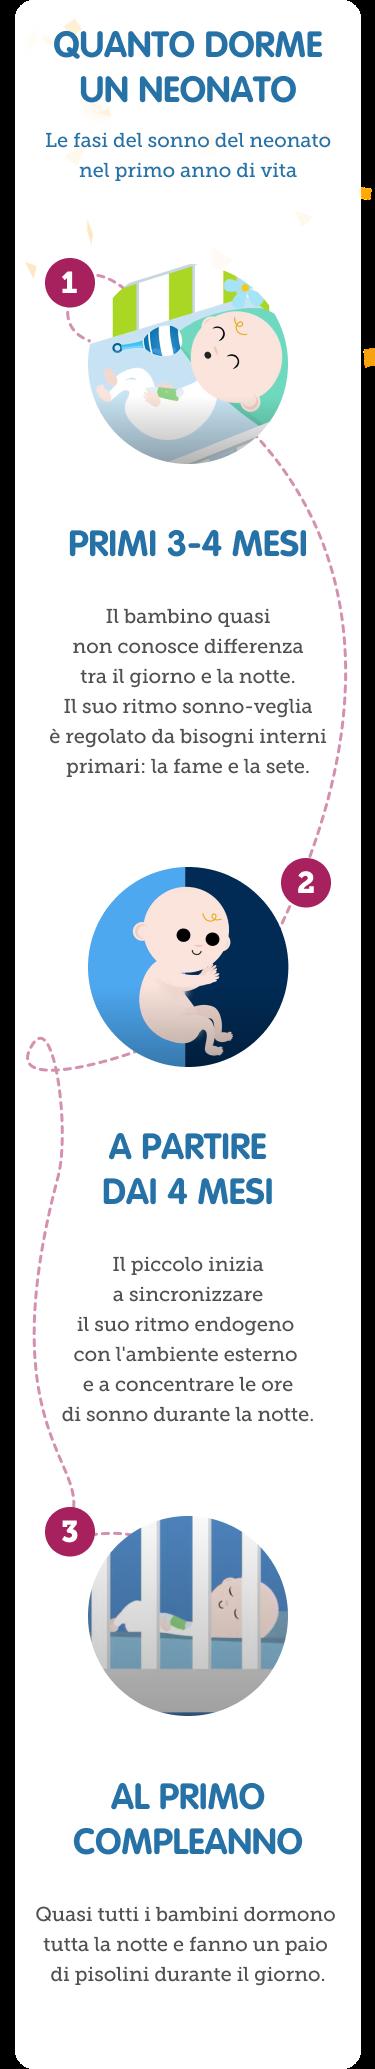 Quando dorme un neonato in base alla crescita